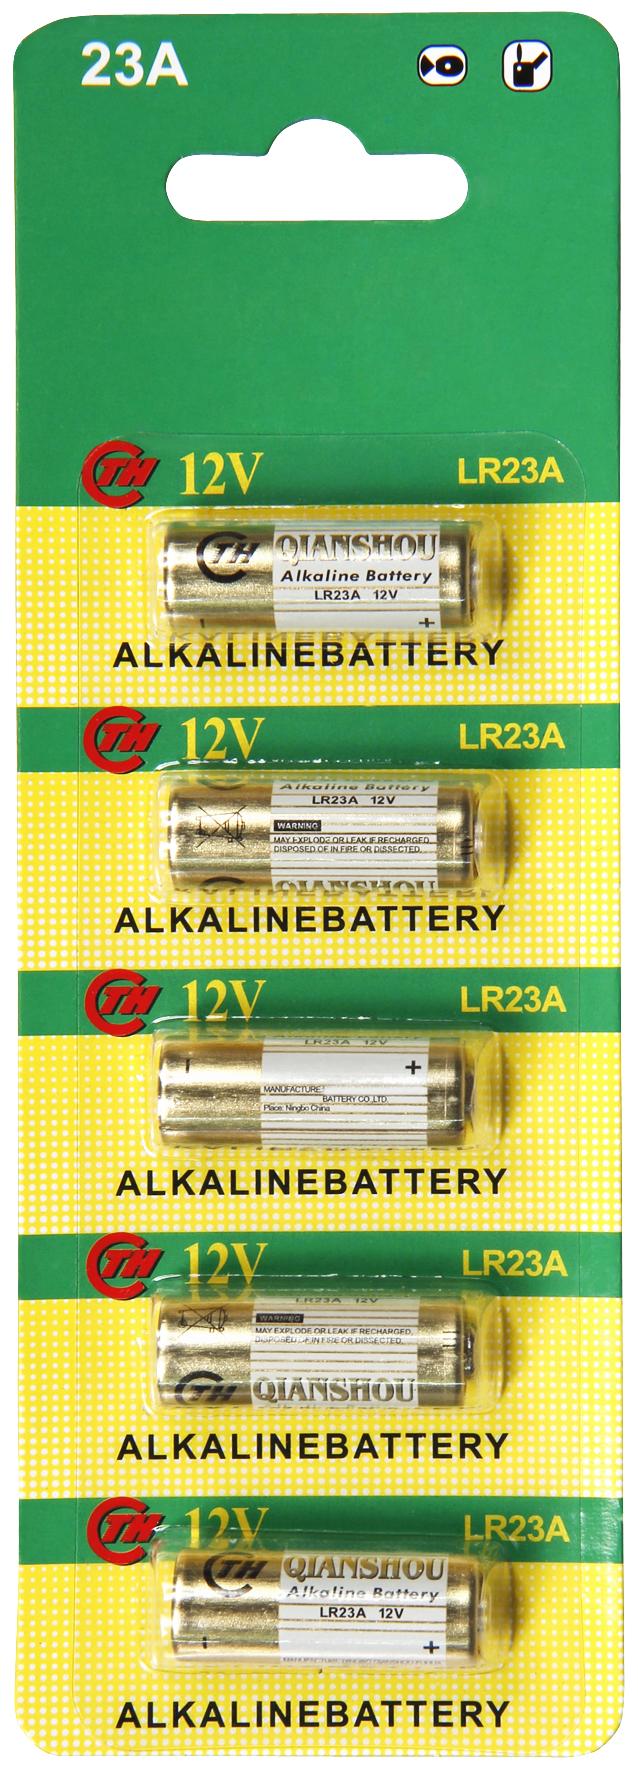 Batterie A23, 12V, 28x10mm, Alkaline, 5er-Blister